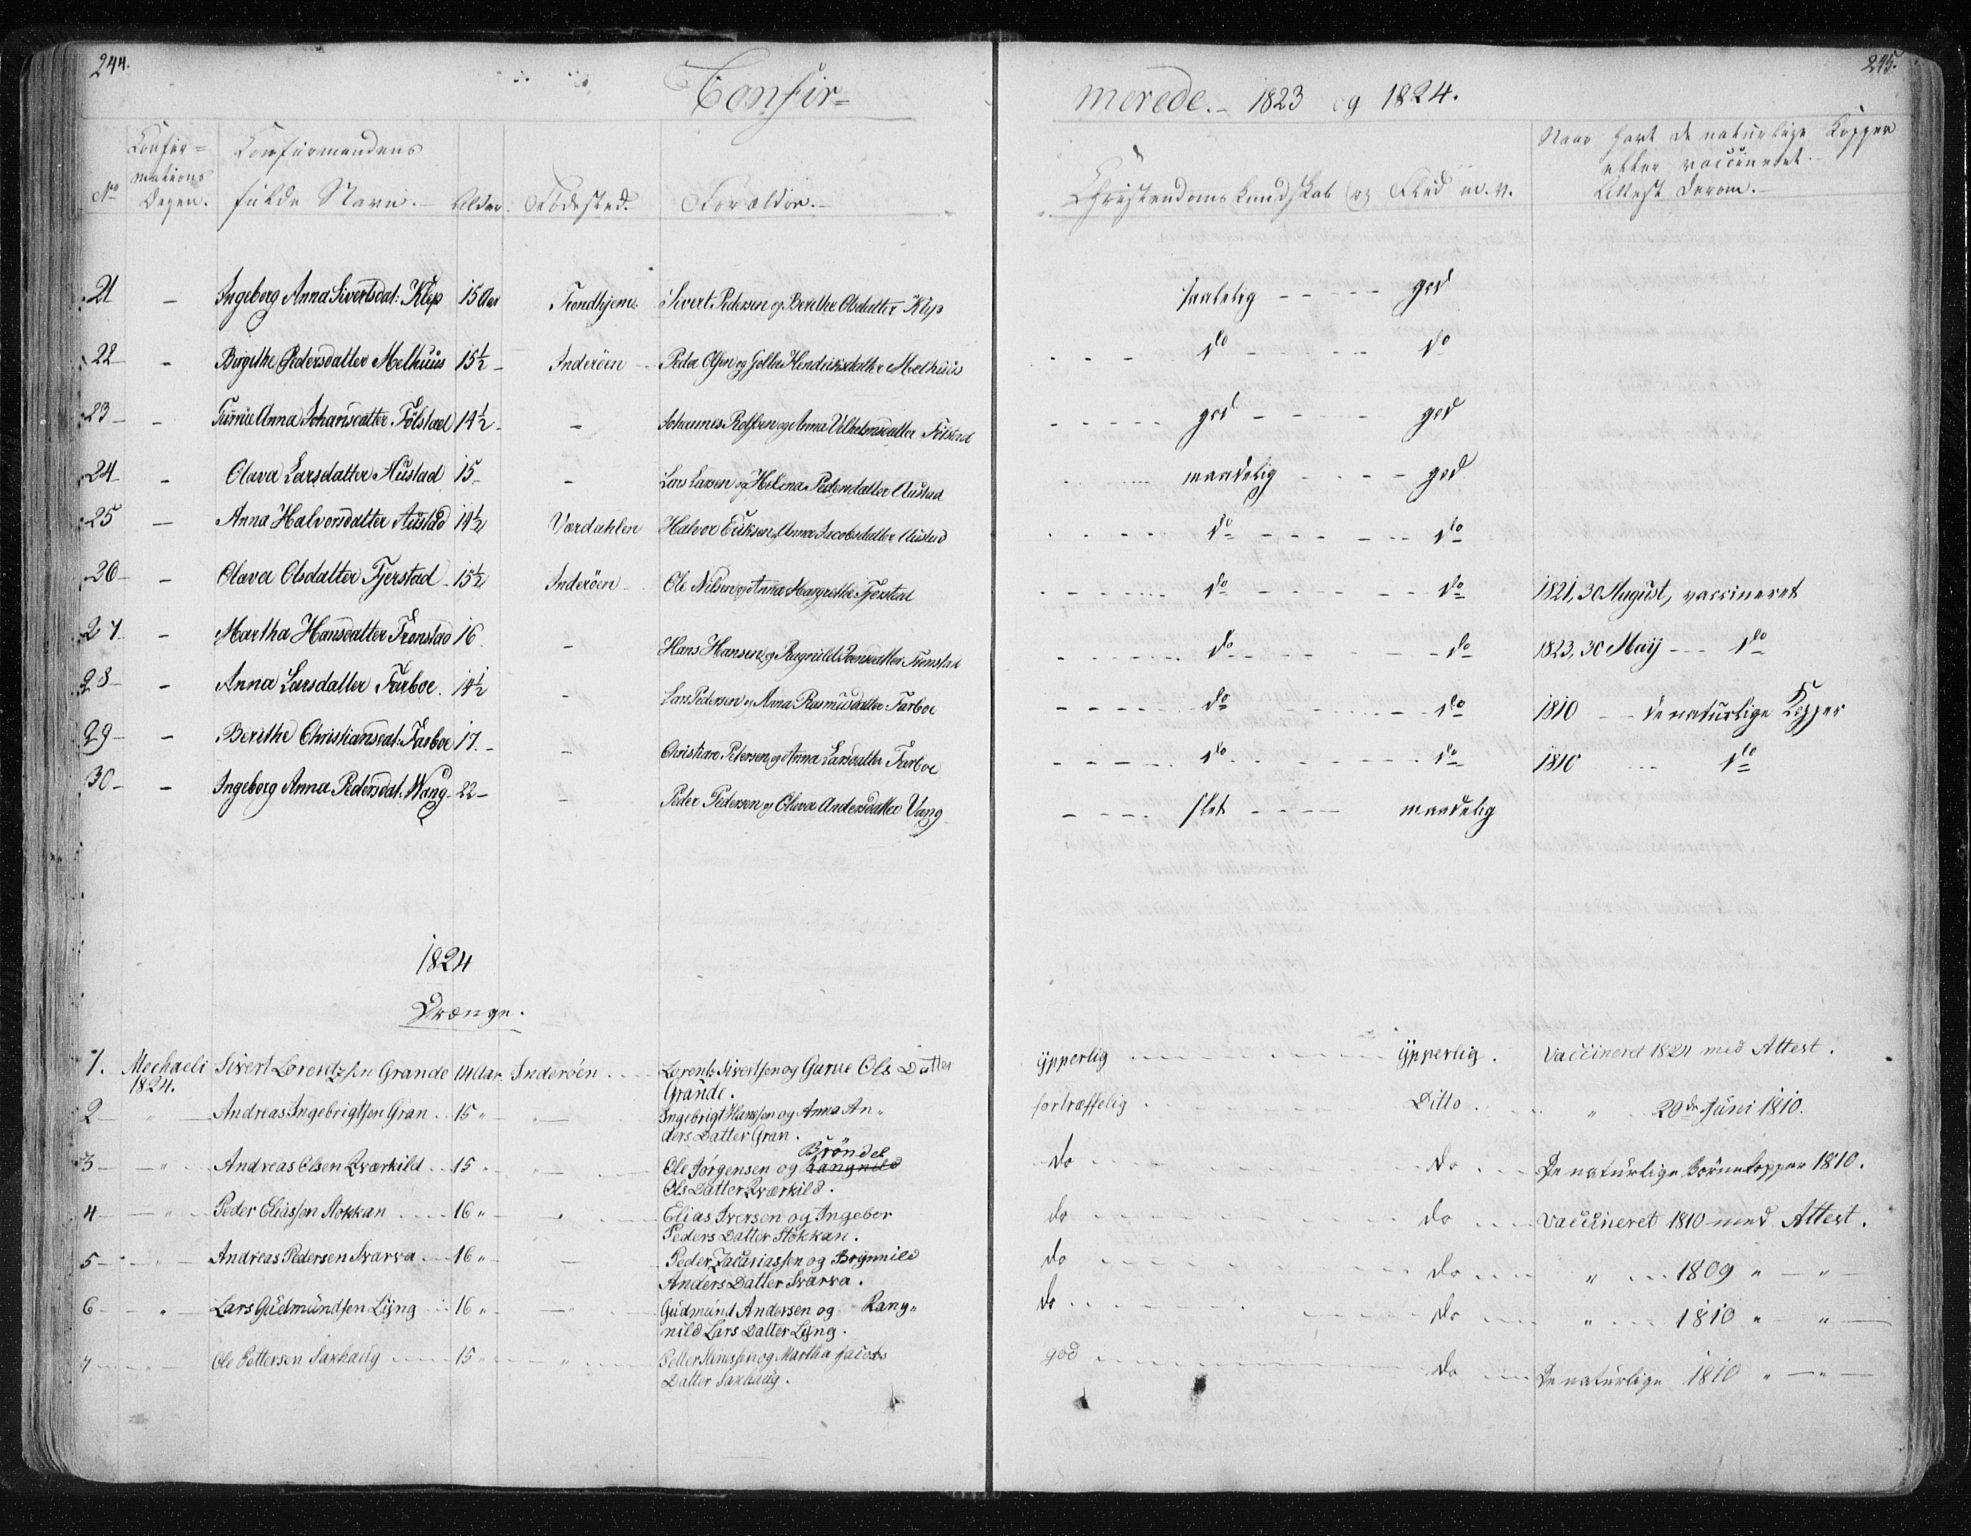 SAT, Ministerialprotokoller, klokkerbøker og fødselsregistre - Nord-Trøndelag, 730/L0276: Ministerialbok nr. 730A05, 1822-1830, s. 244-245